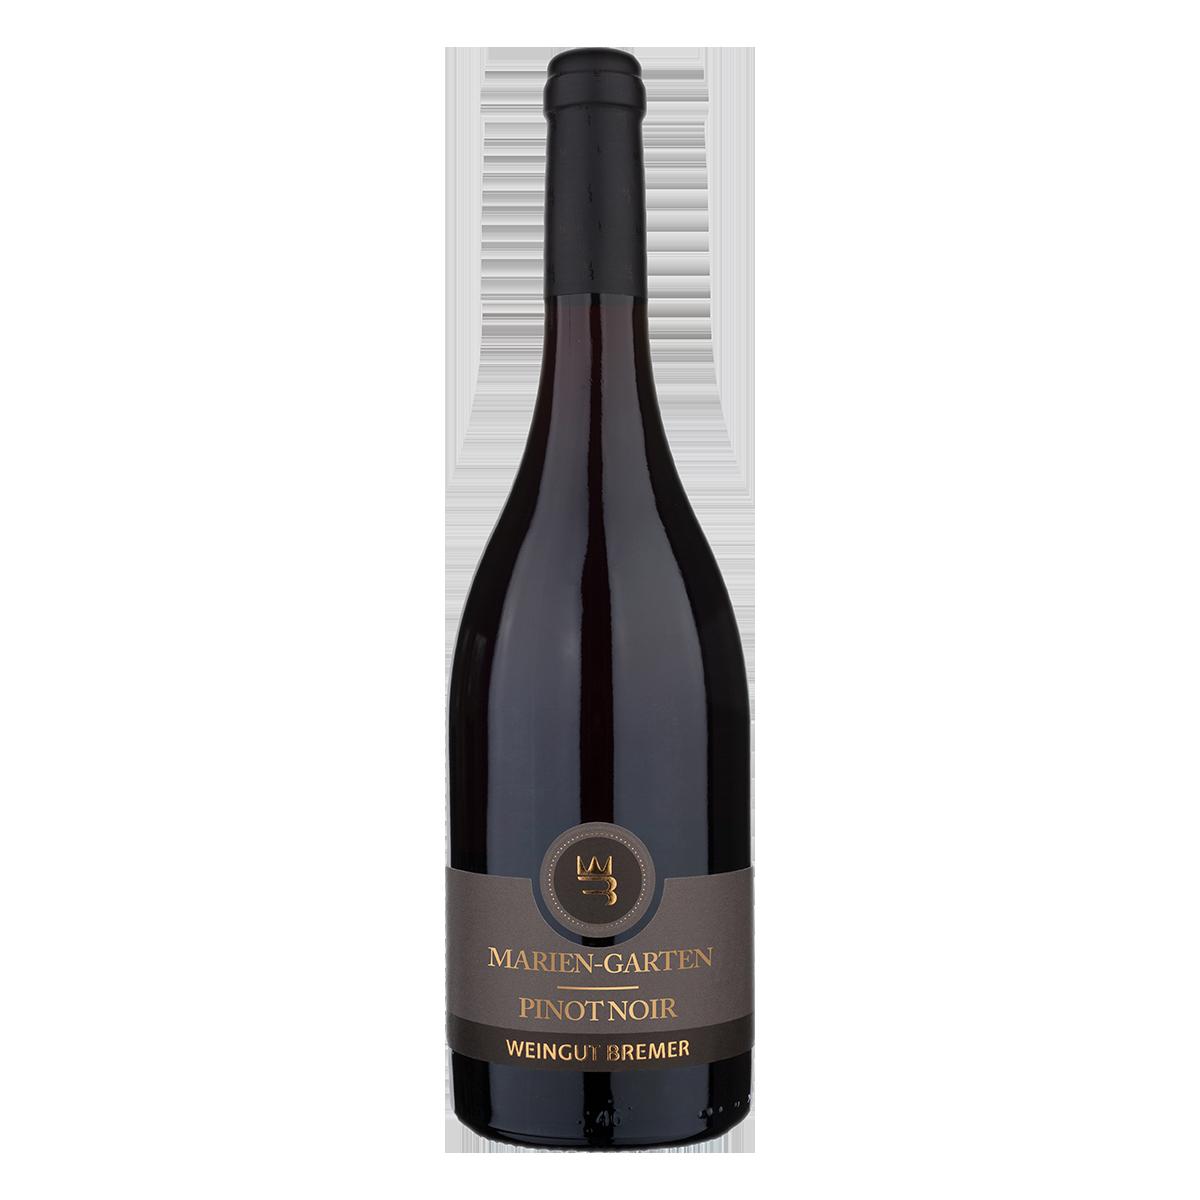 DMA1103-17 德國布雷默酒莊瑪麗安花園黑皮諾紅葡萄酒 Weingut Bremer Herrgottsacker Marien-Garten Pinot Noir QbA Trocken